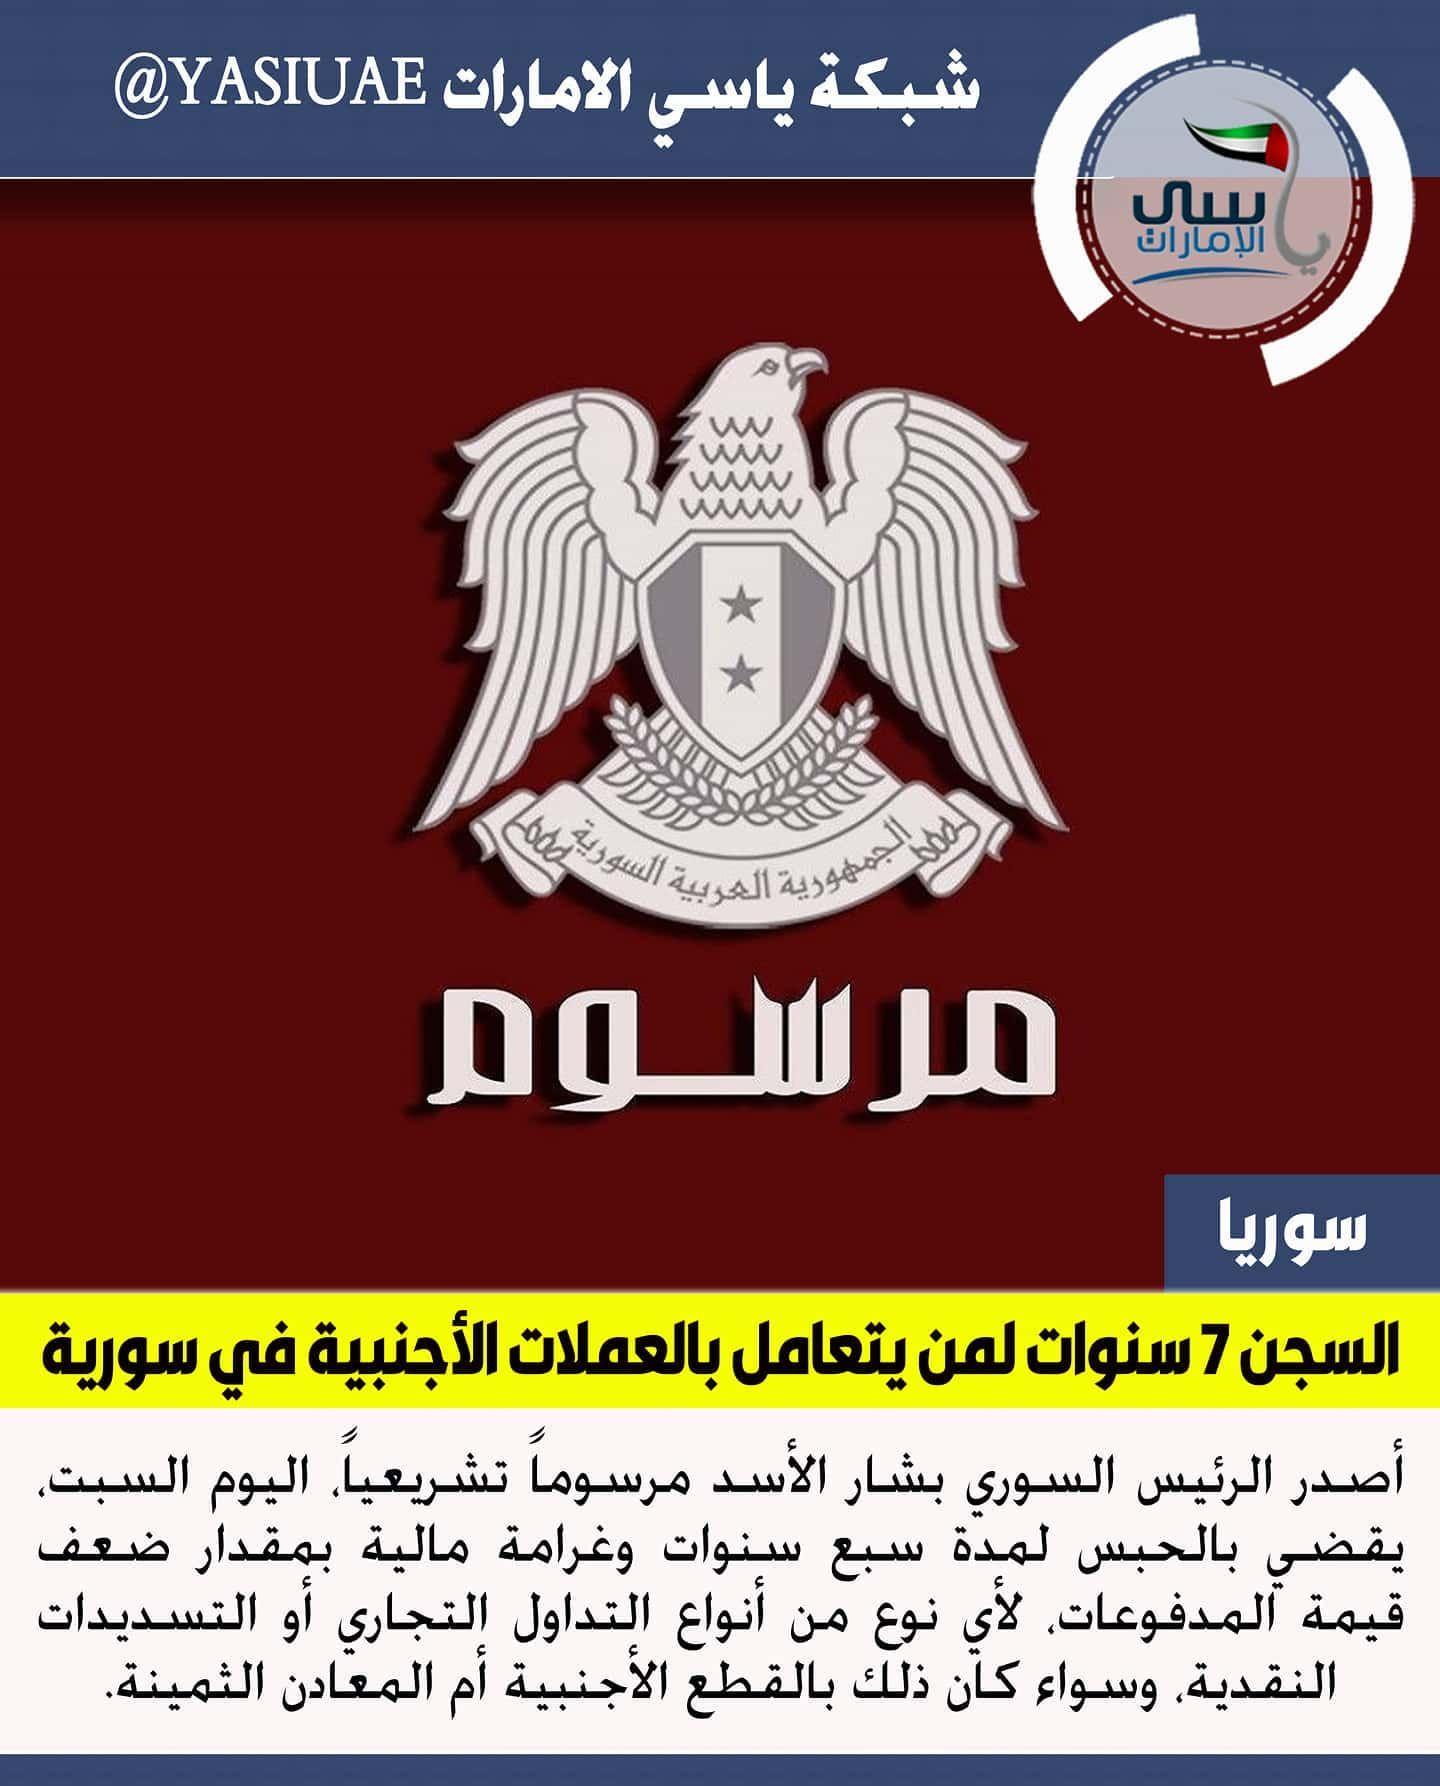 سوريا السجن 7 سنوات لمن يتعامل بالعملات الأجنبية في سورية ويقضى المرسوم الذي نشر على مواقع التواصل الاجتماعي التابعة للرئاسة الس Uji Pandora Screenshot Toad